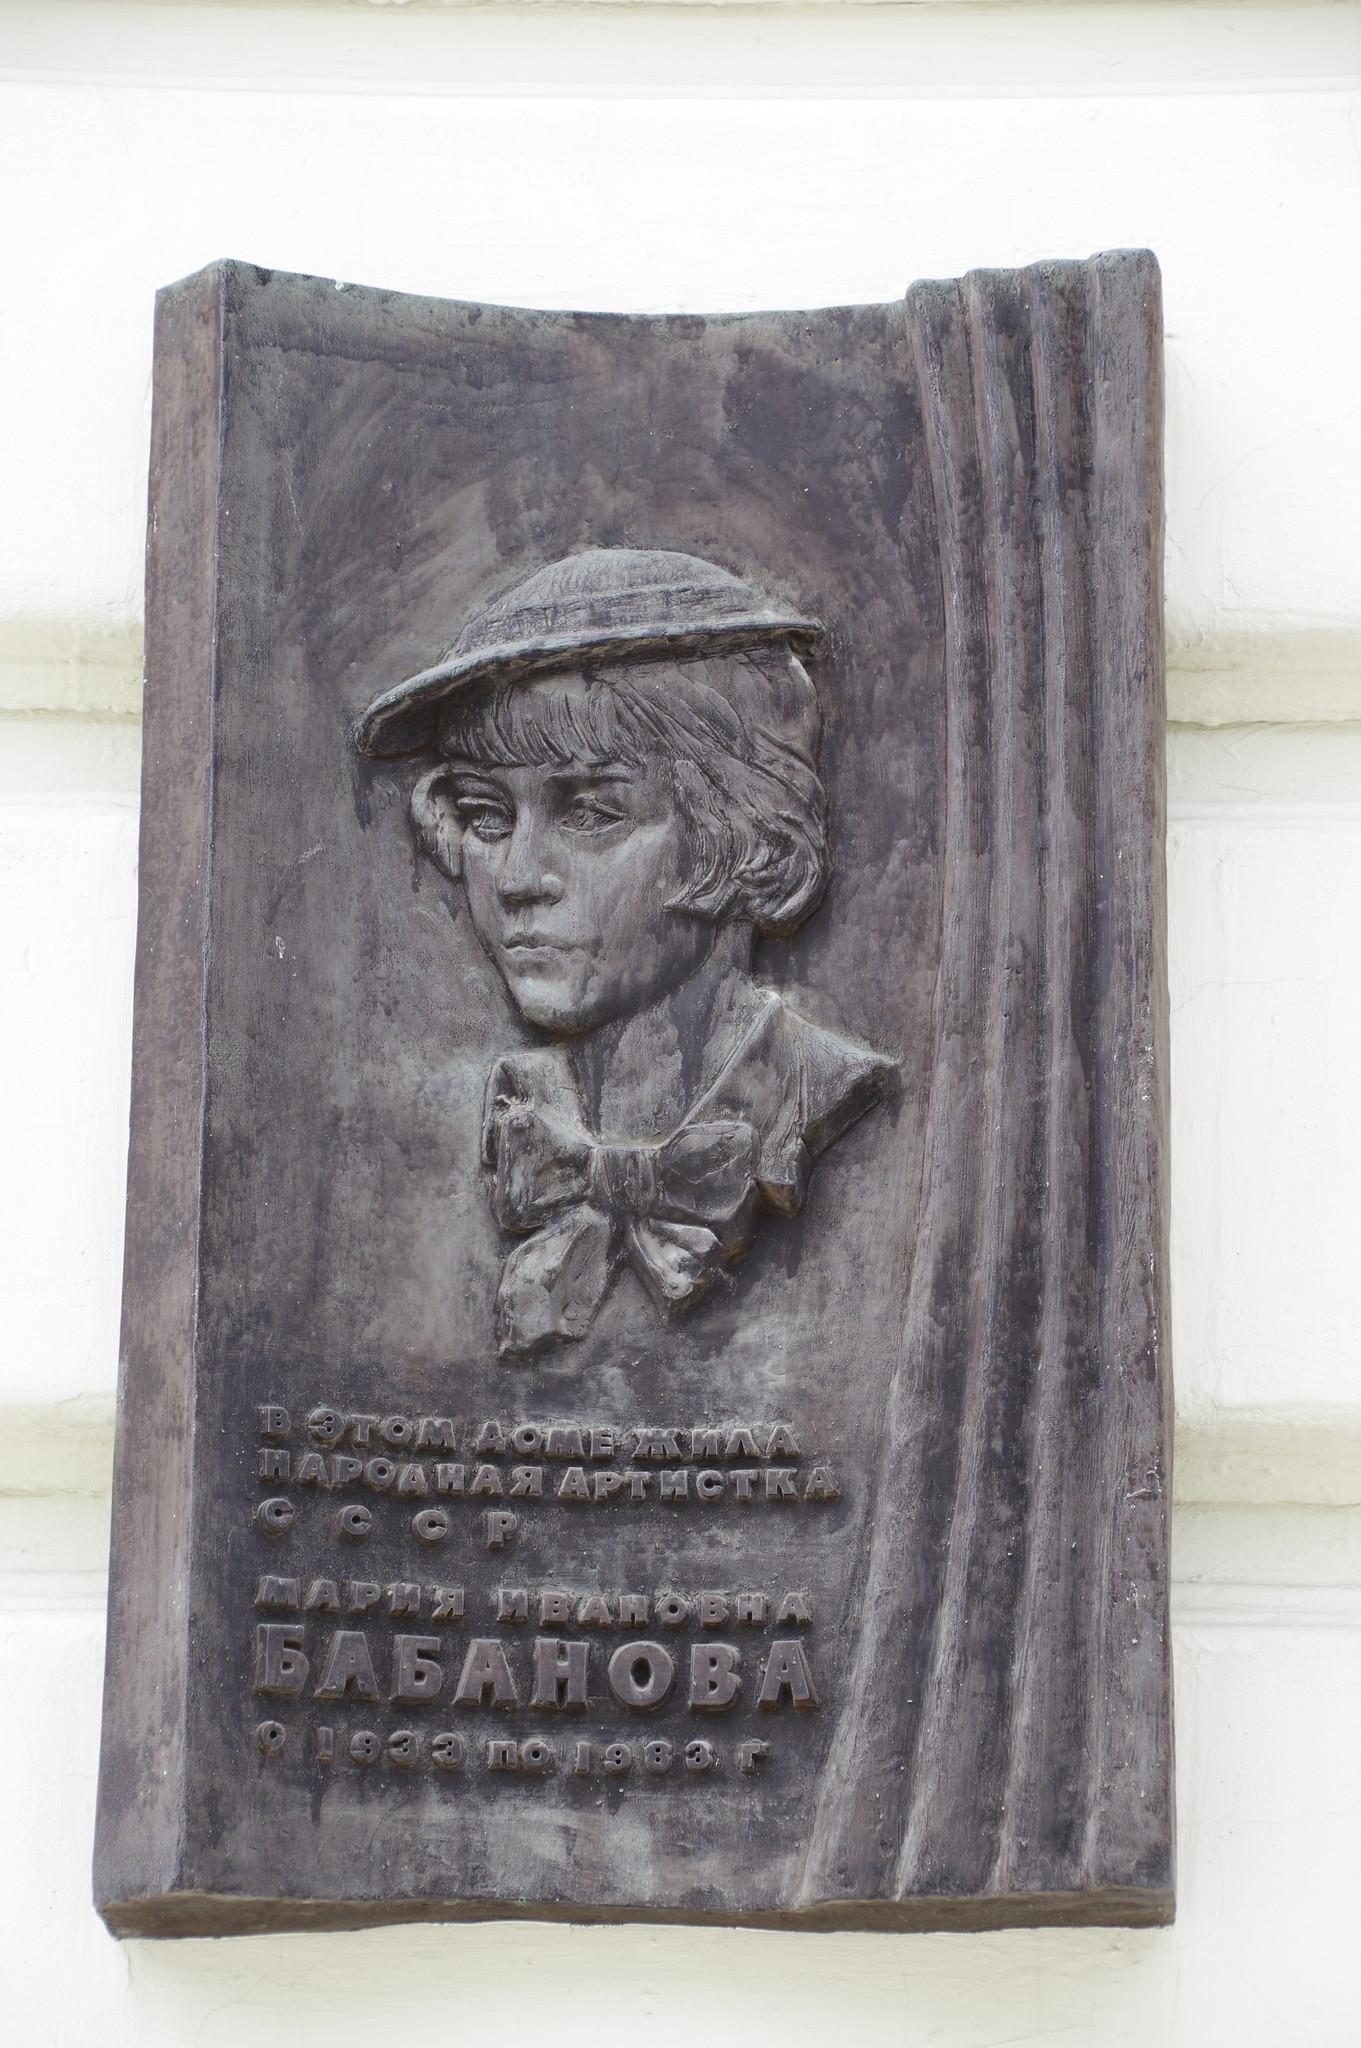 Мемориальная доска на фасаде дома (Петровский переулок, дом 5), в котором с 1933 по 1983 годы проживала Народная артистка СССР Мария Ивановна Бабанова